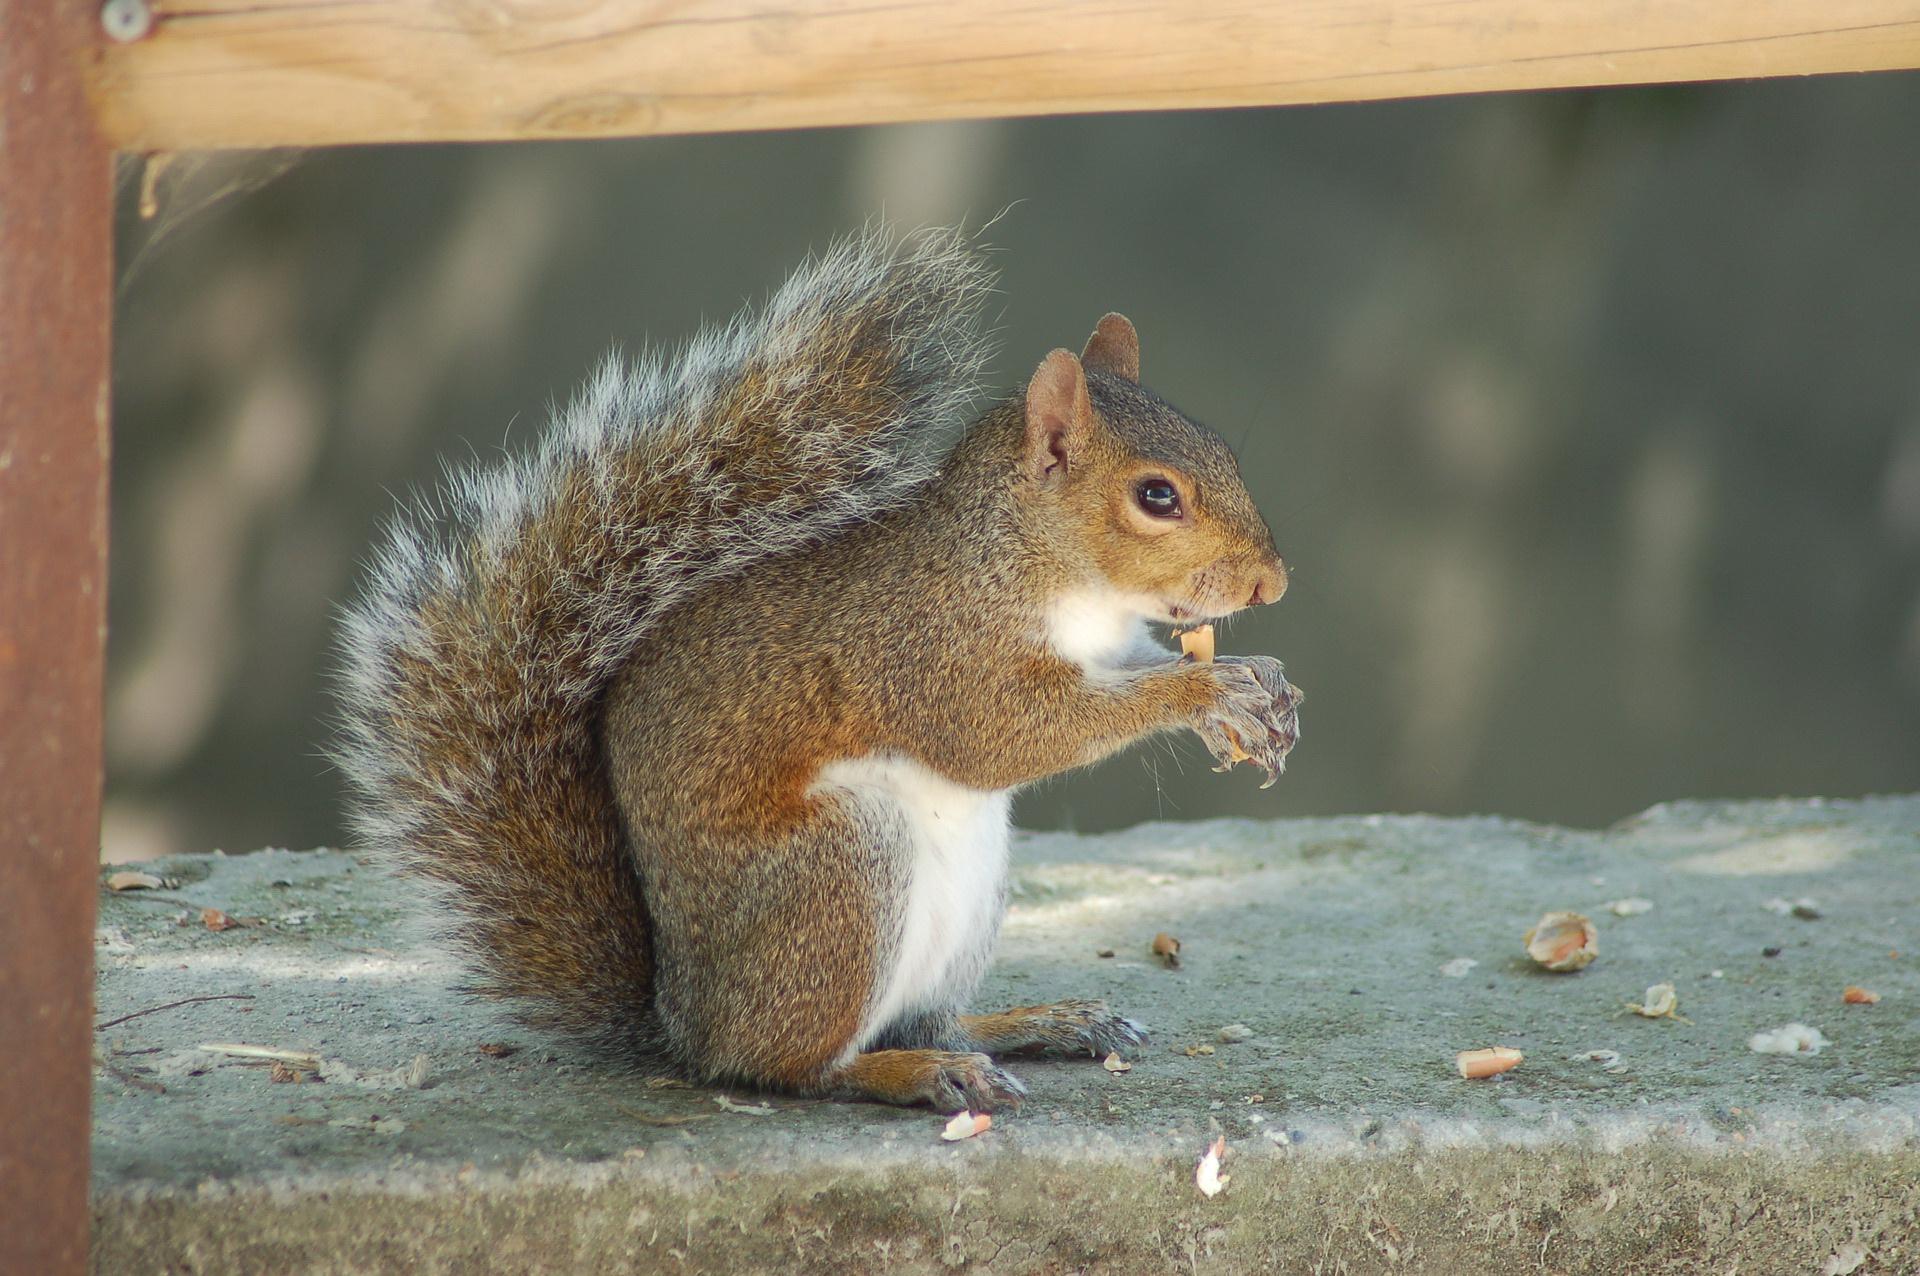 łatwe zagadki matematyczne zagadka o wiewiórkach